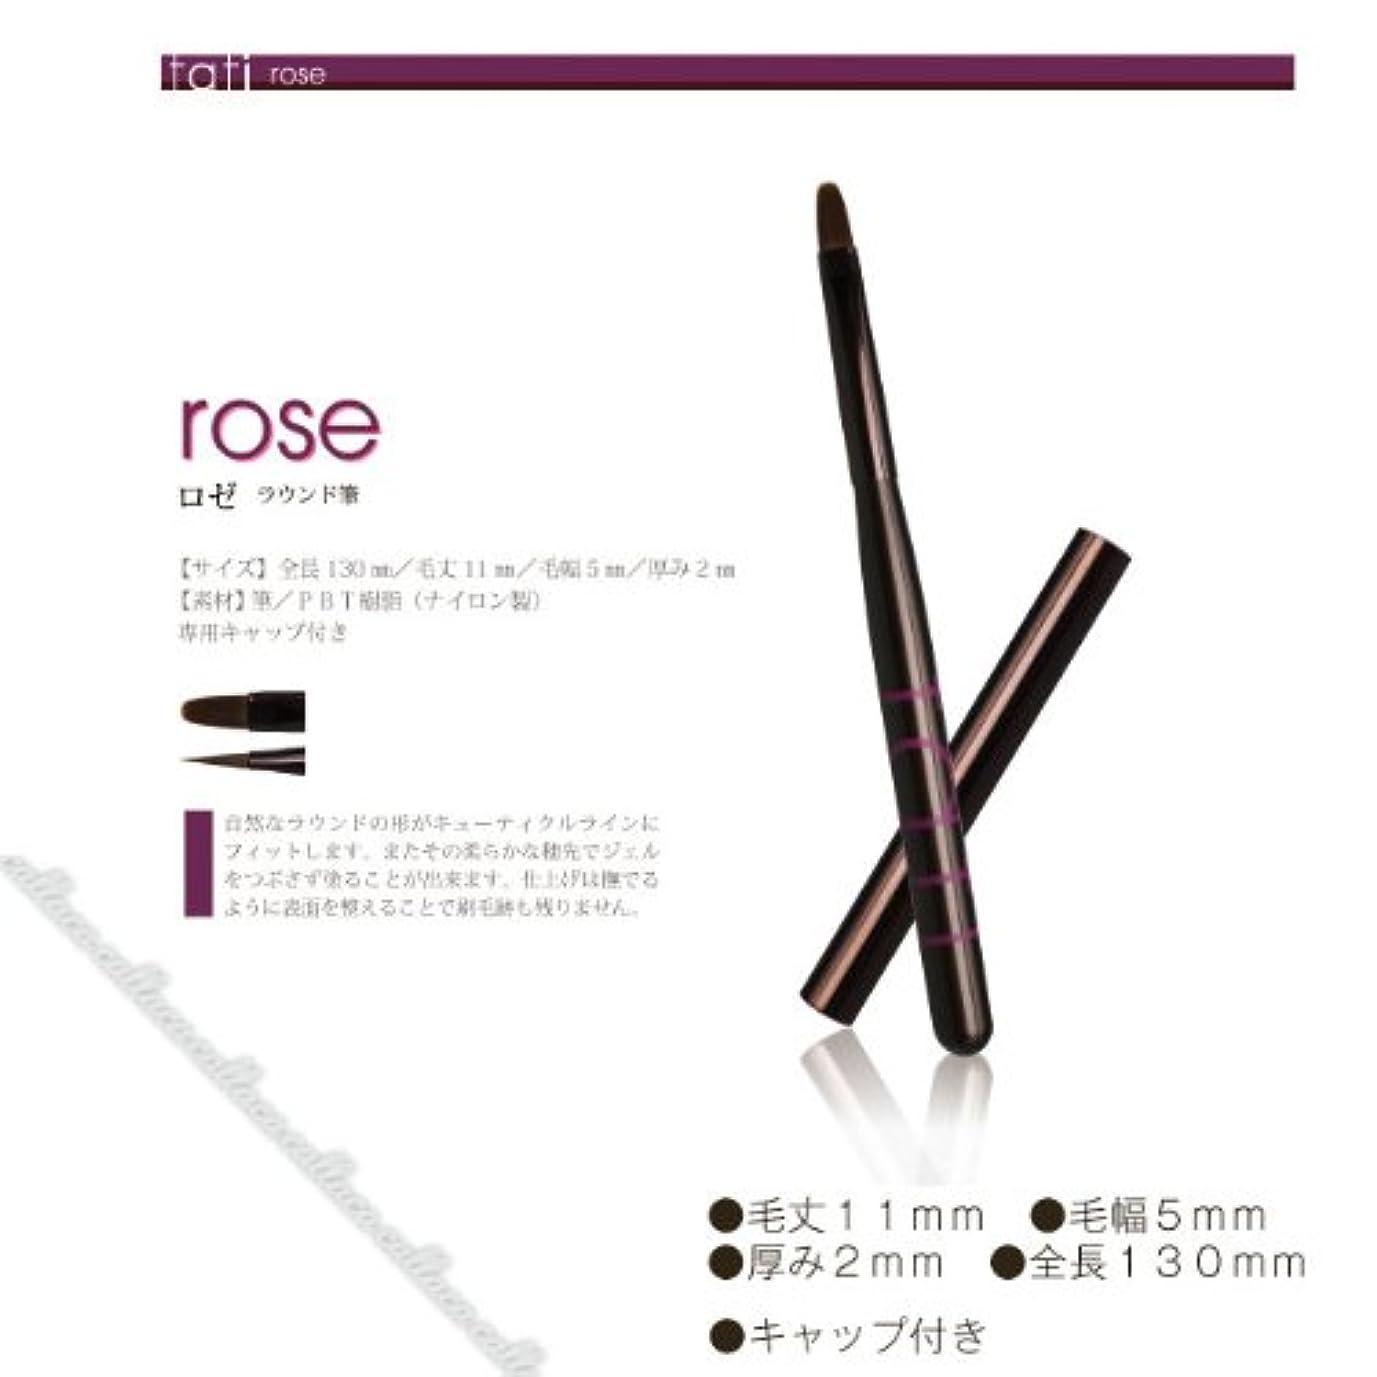 第五仲良し願うtati ジェル ブラシアートショコラ rose (ロゼ)